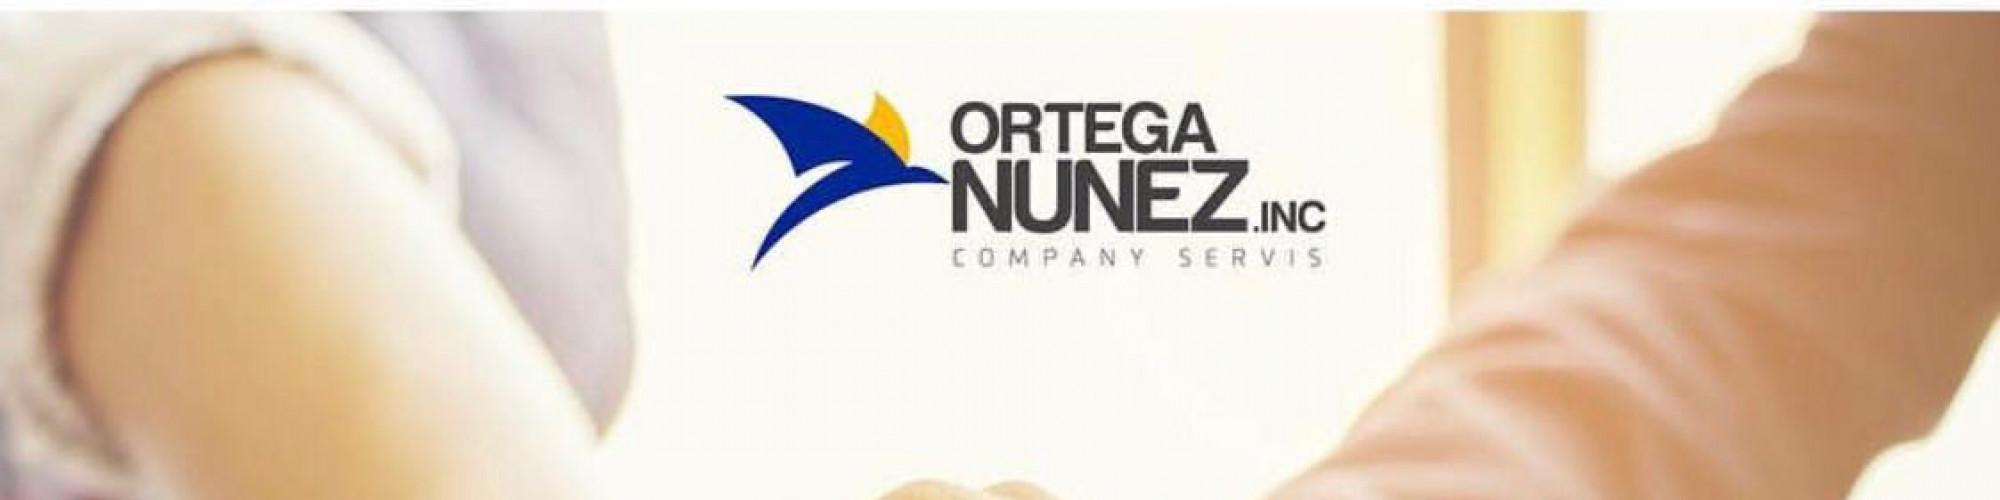 ORTEGANUNEZ.INC